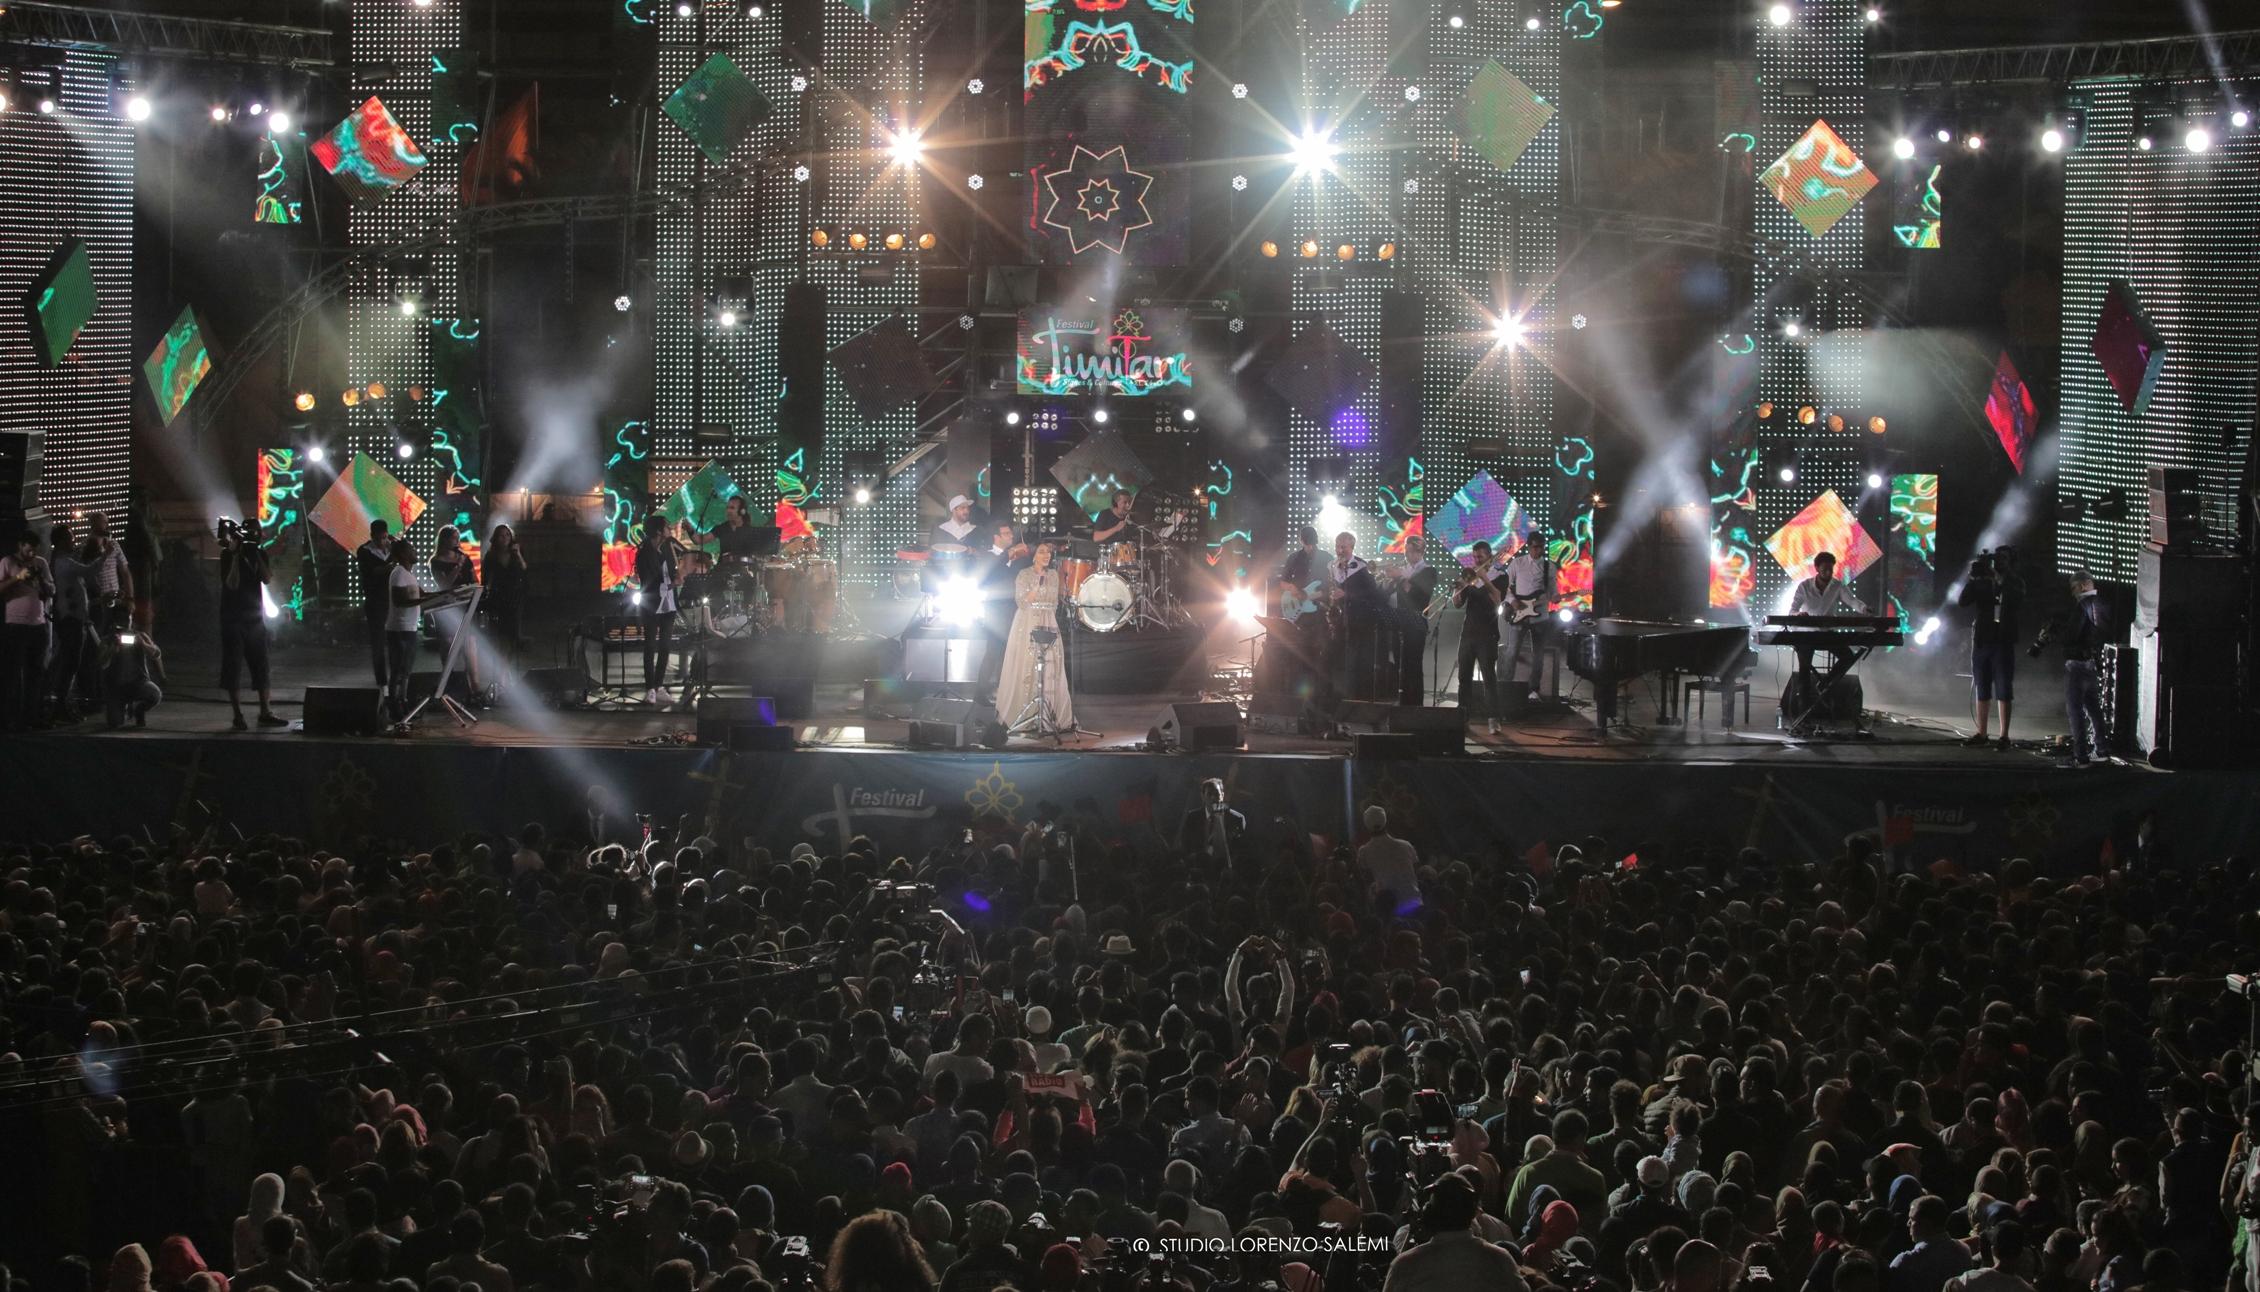 250 ألف يحضرون الحفل الختامي للدورة الرابعة عشر لمهرجان تيميتار